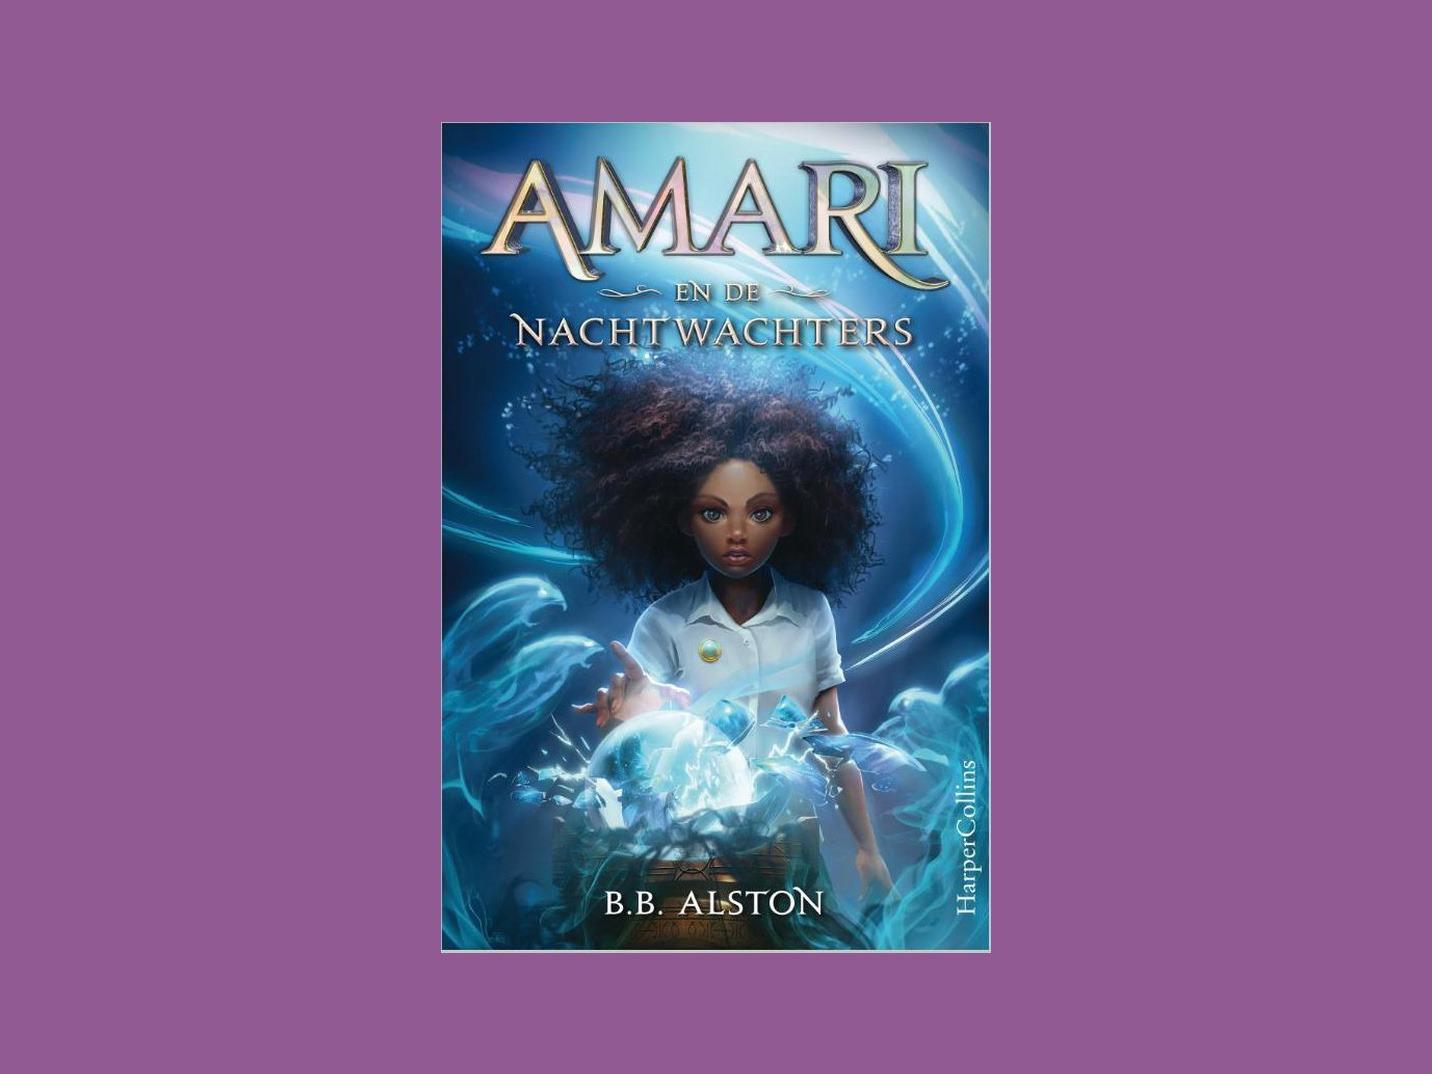 Boekbespreking Amari en de nachtwachters